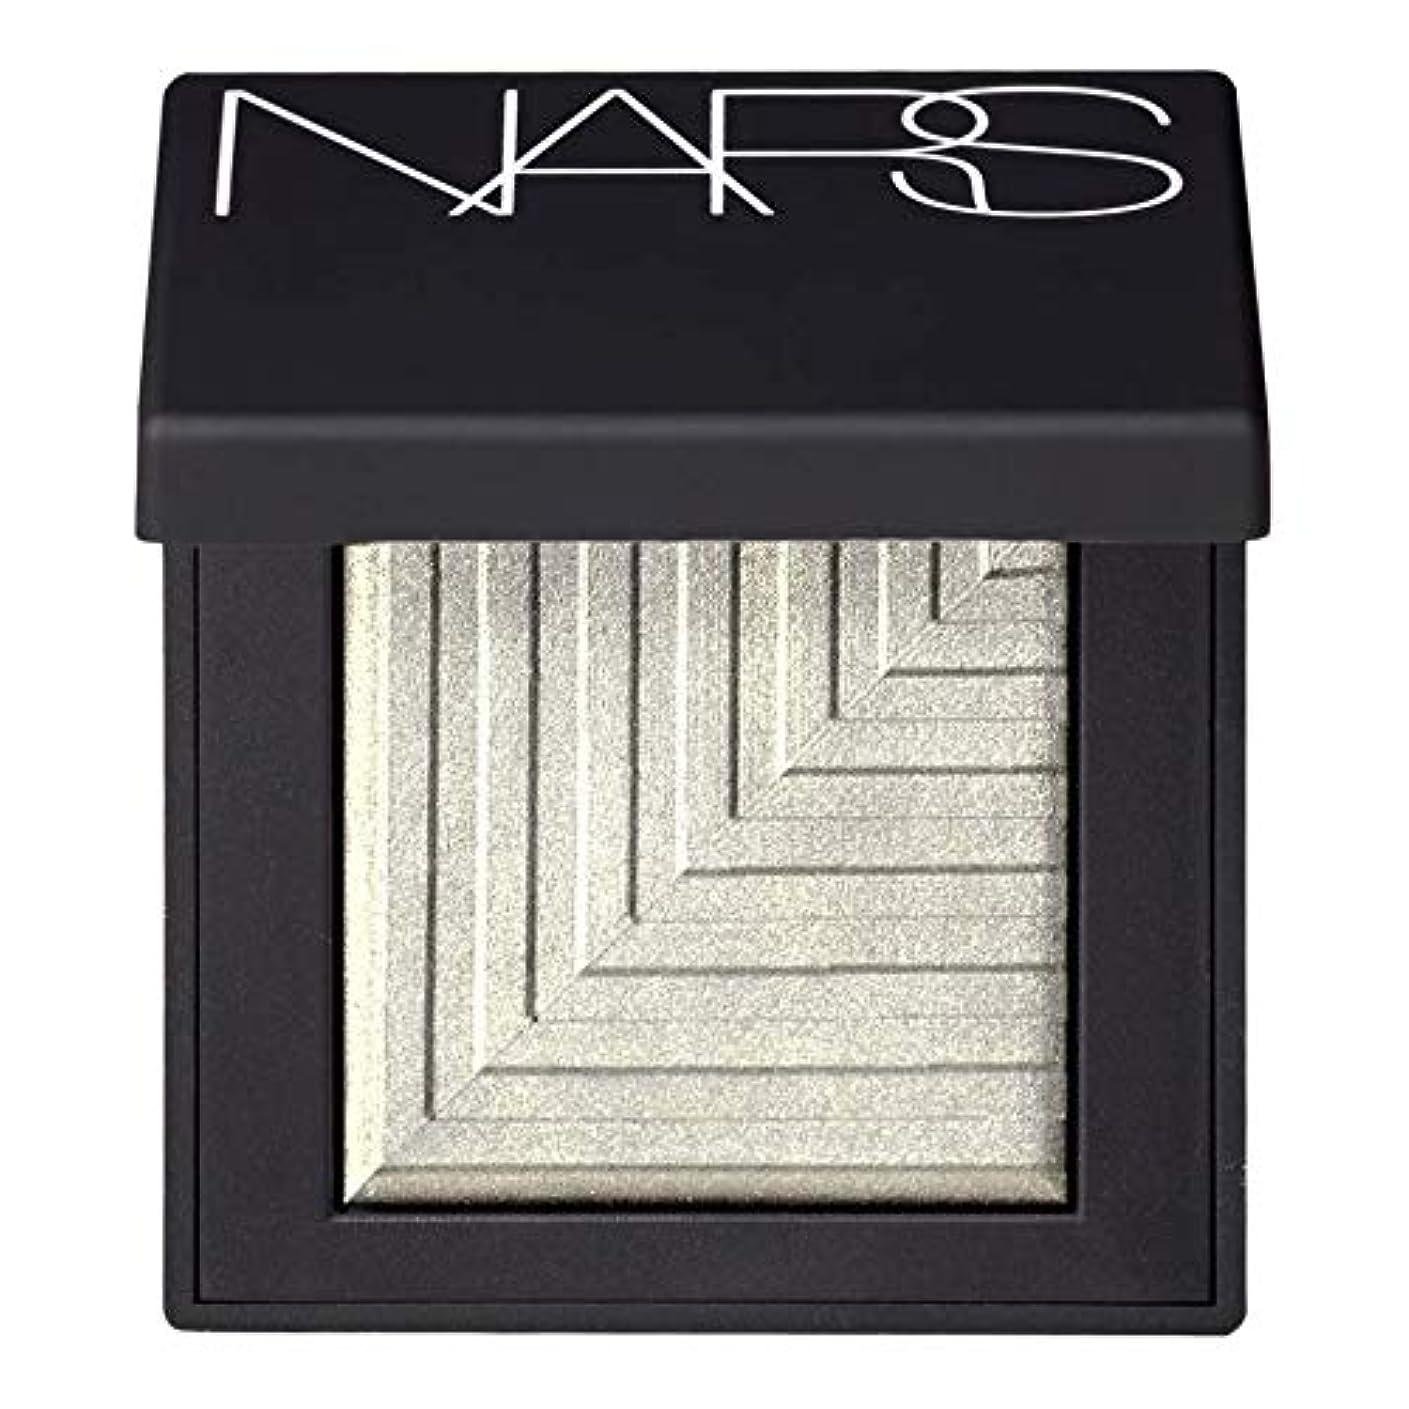 統計的順応性のあるレンズ[NARS] Narはデュアル強度アイシャドウアンタレス - Nars Dual Intensity Eyeshadow Antares [並行輸入品]